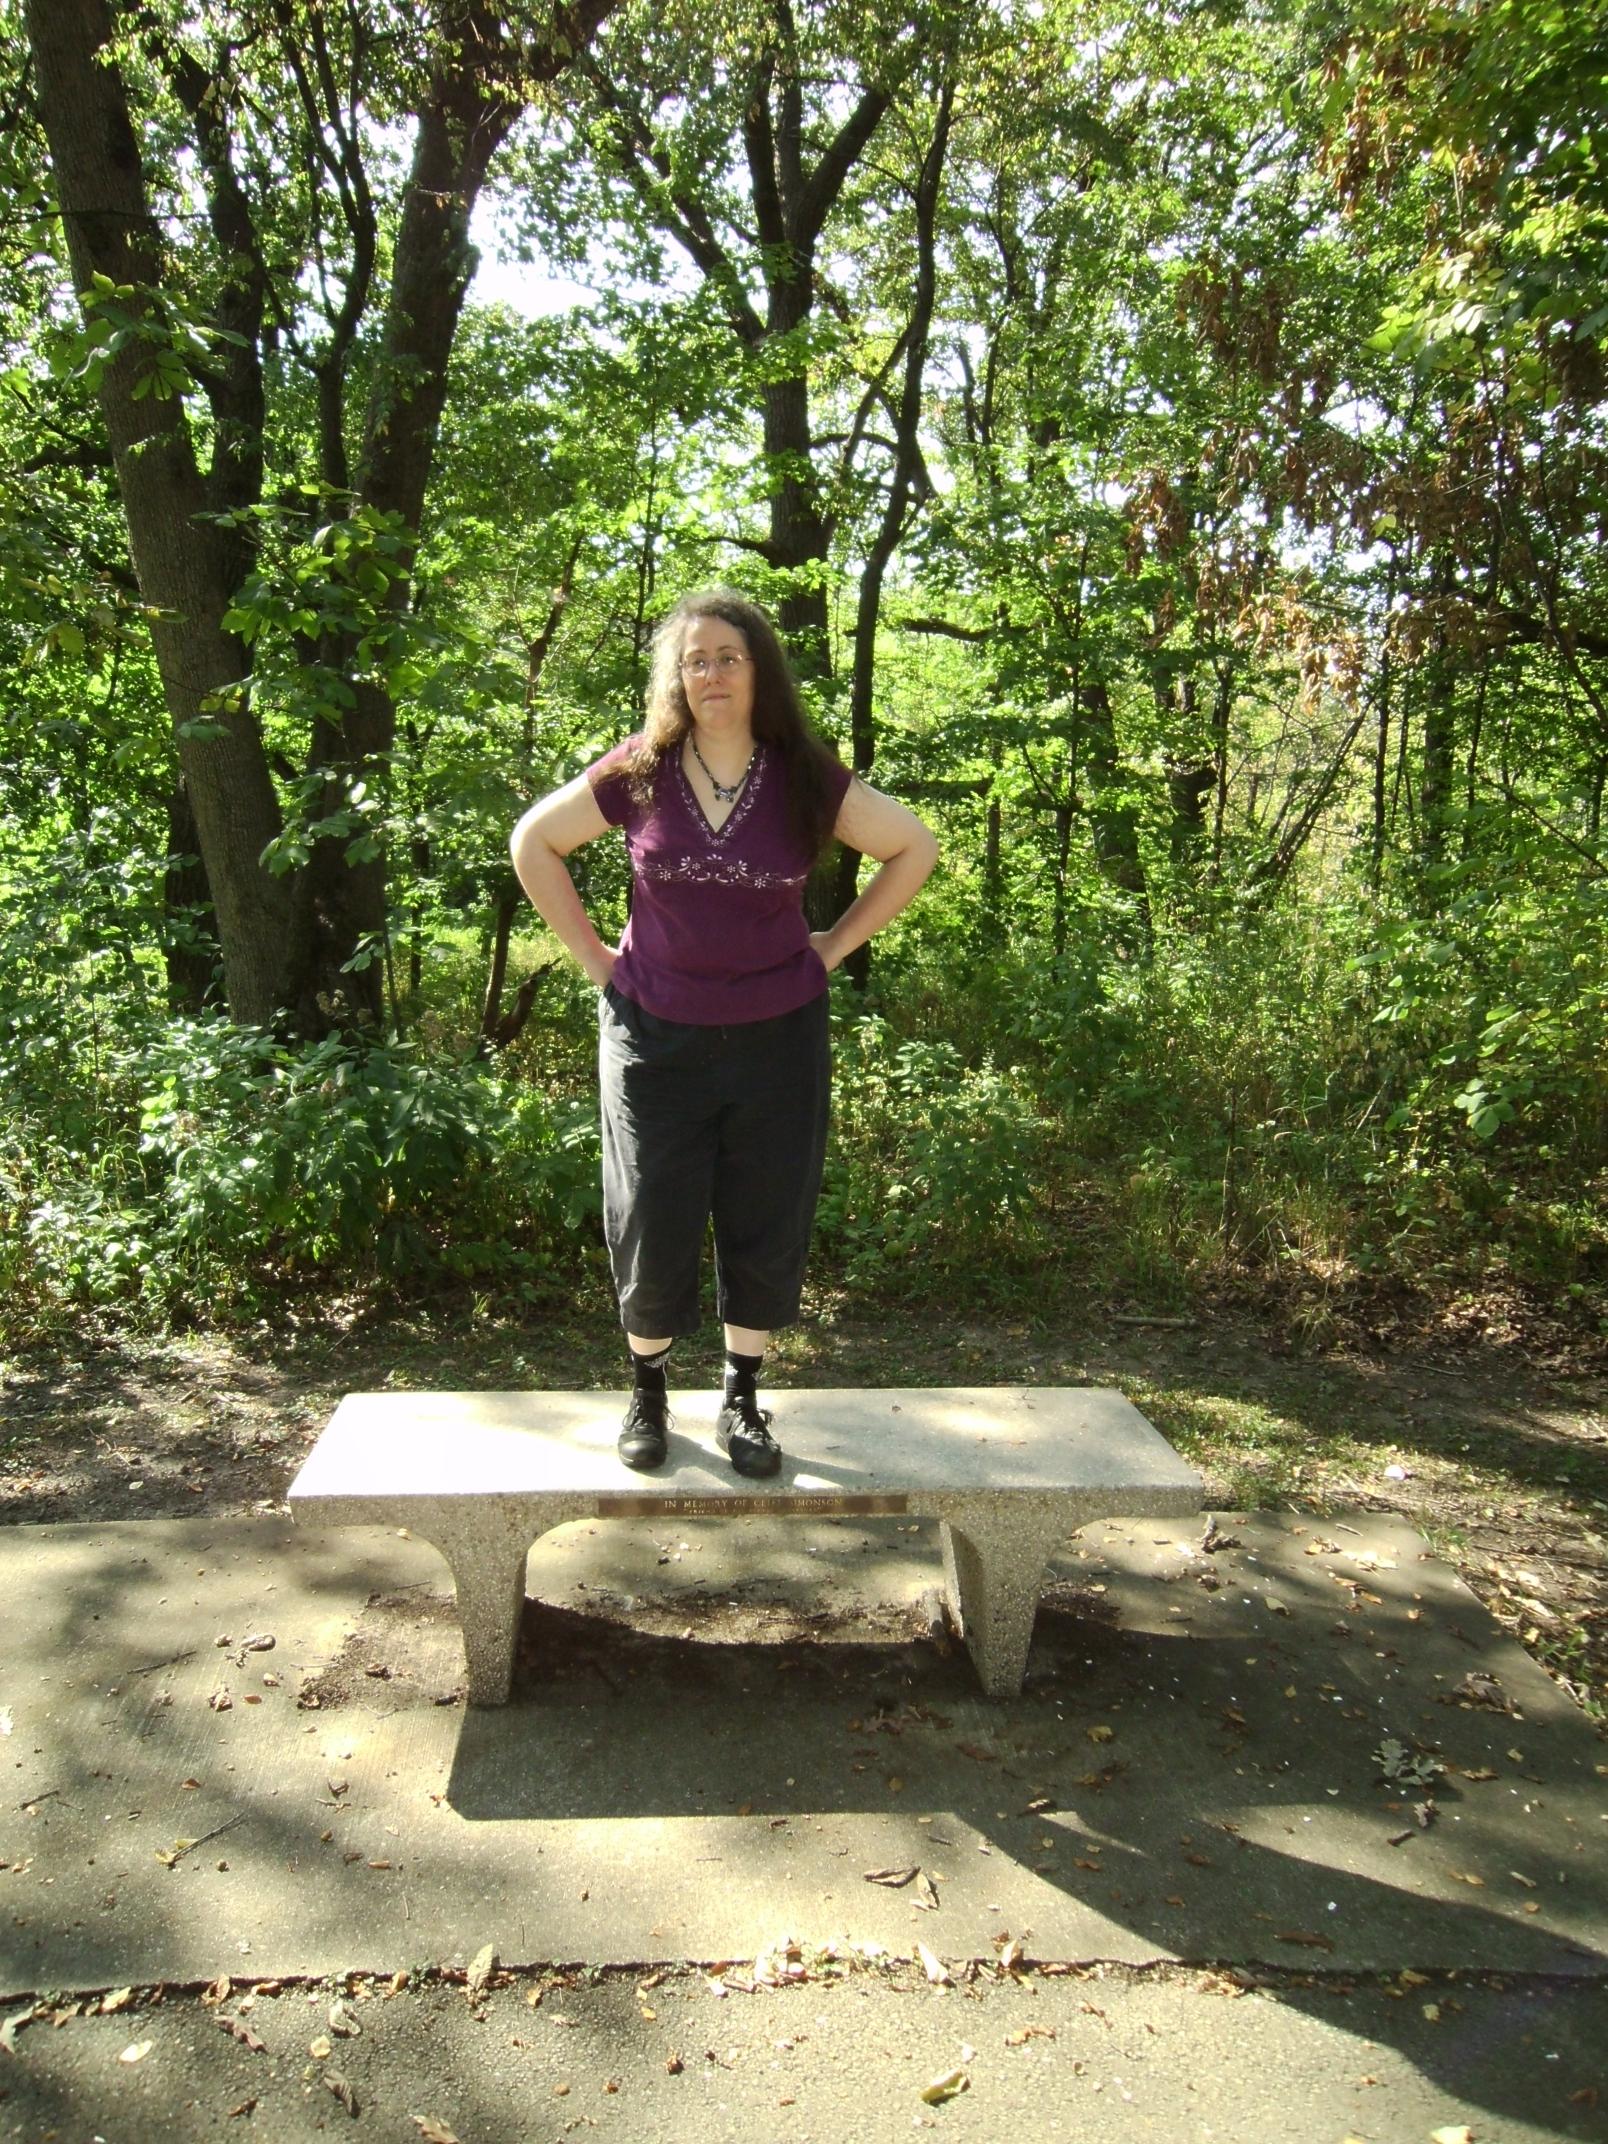 Rachel in the Woods 7 by Windthin